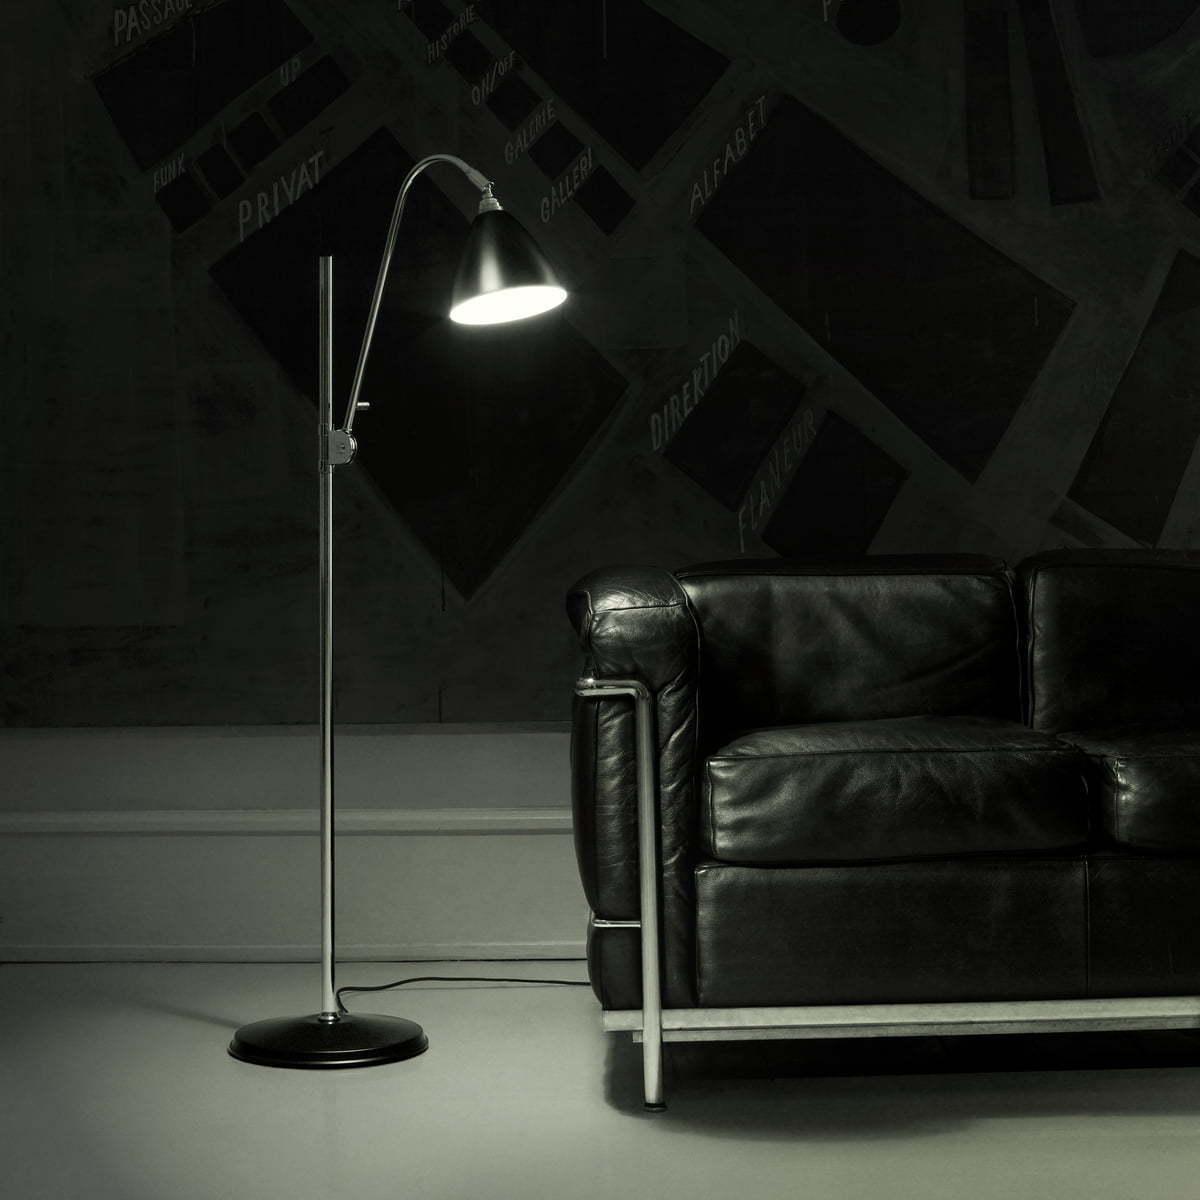 Напольный светильник копия Bestlite BL1 by Gubi (белый)